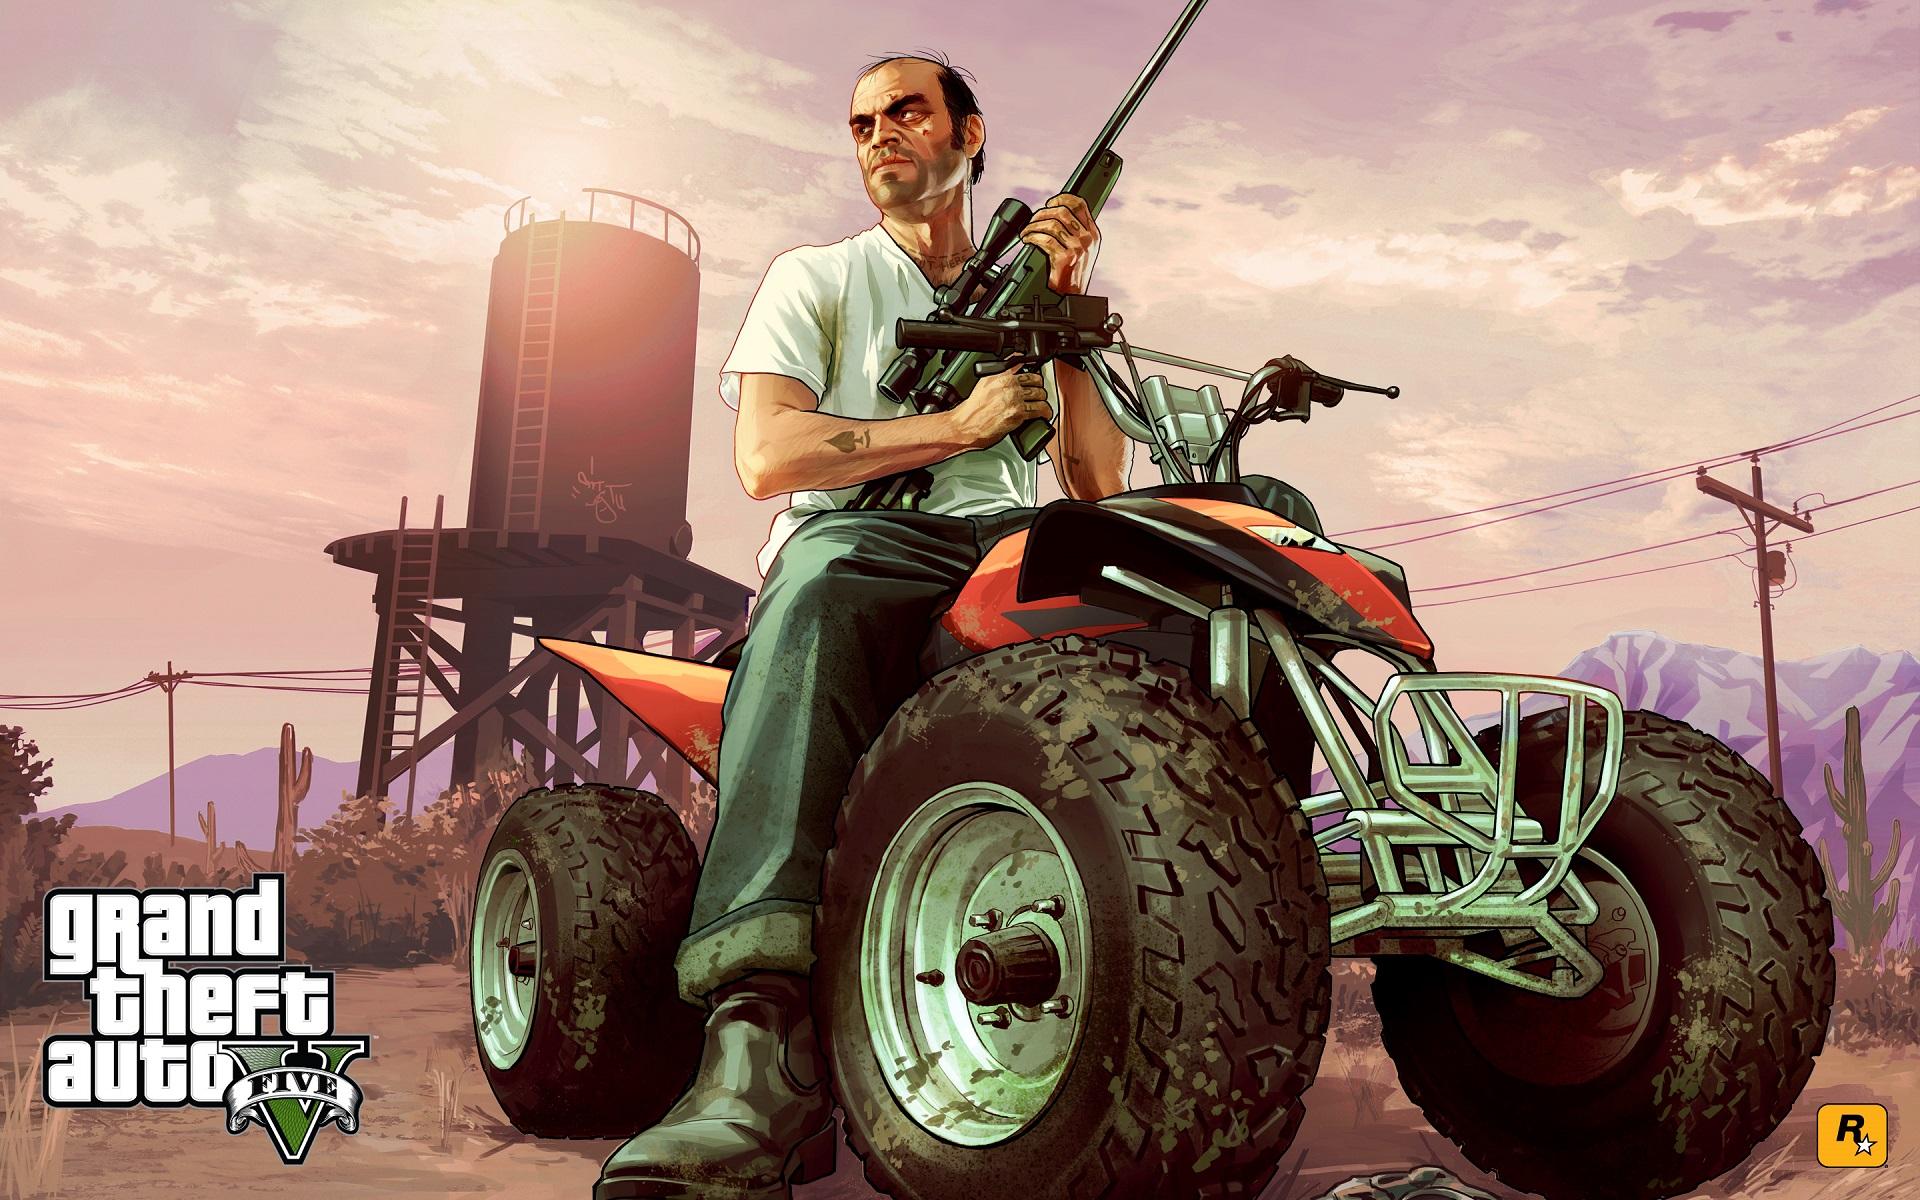 Fondos de pantalla de GTA 5 Wallpapers Grand Theft Auto V